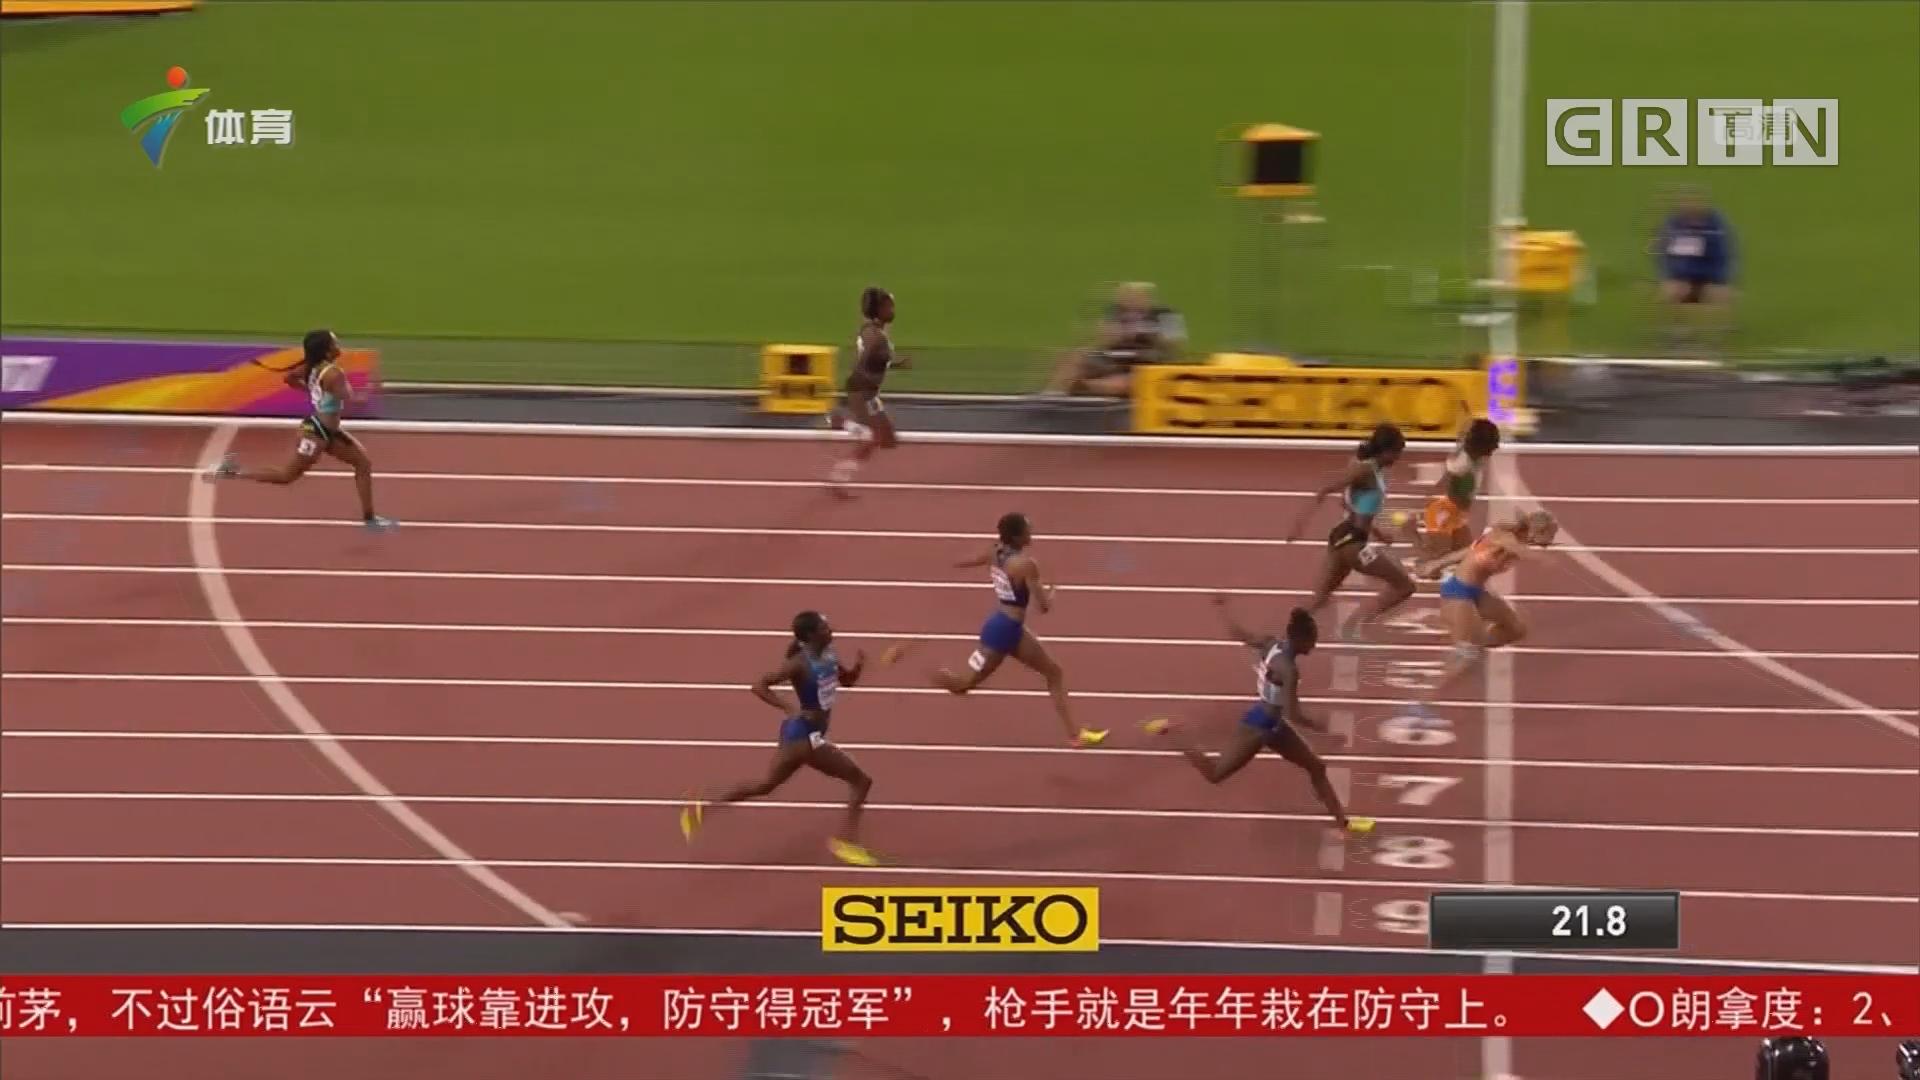 田径世锦赛 荷兰女飞人200米成功卫冕